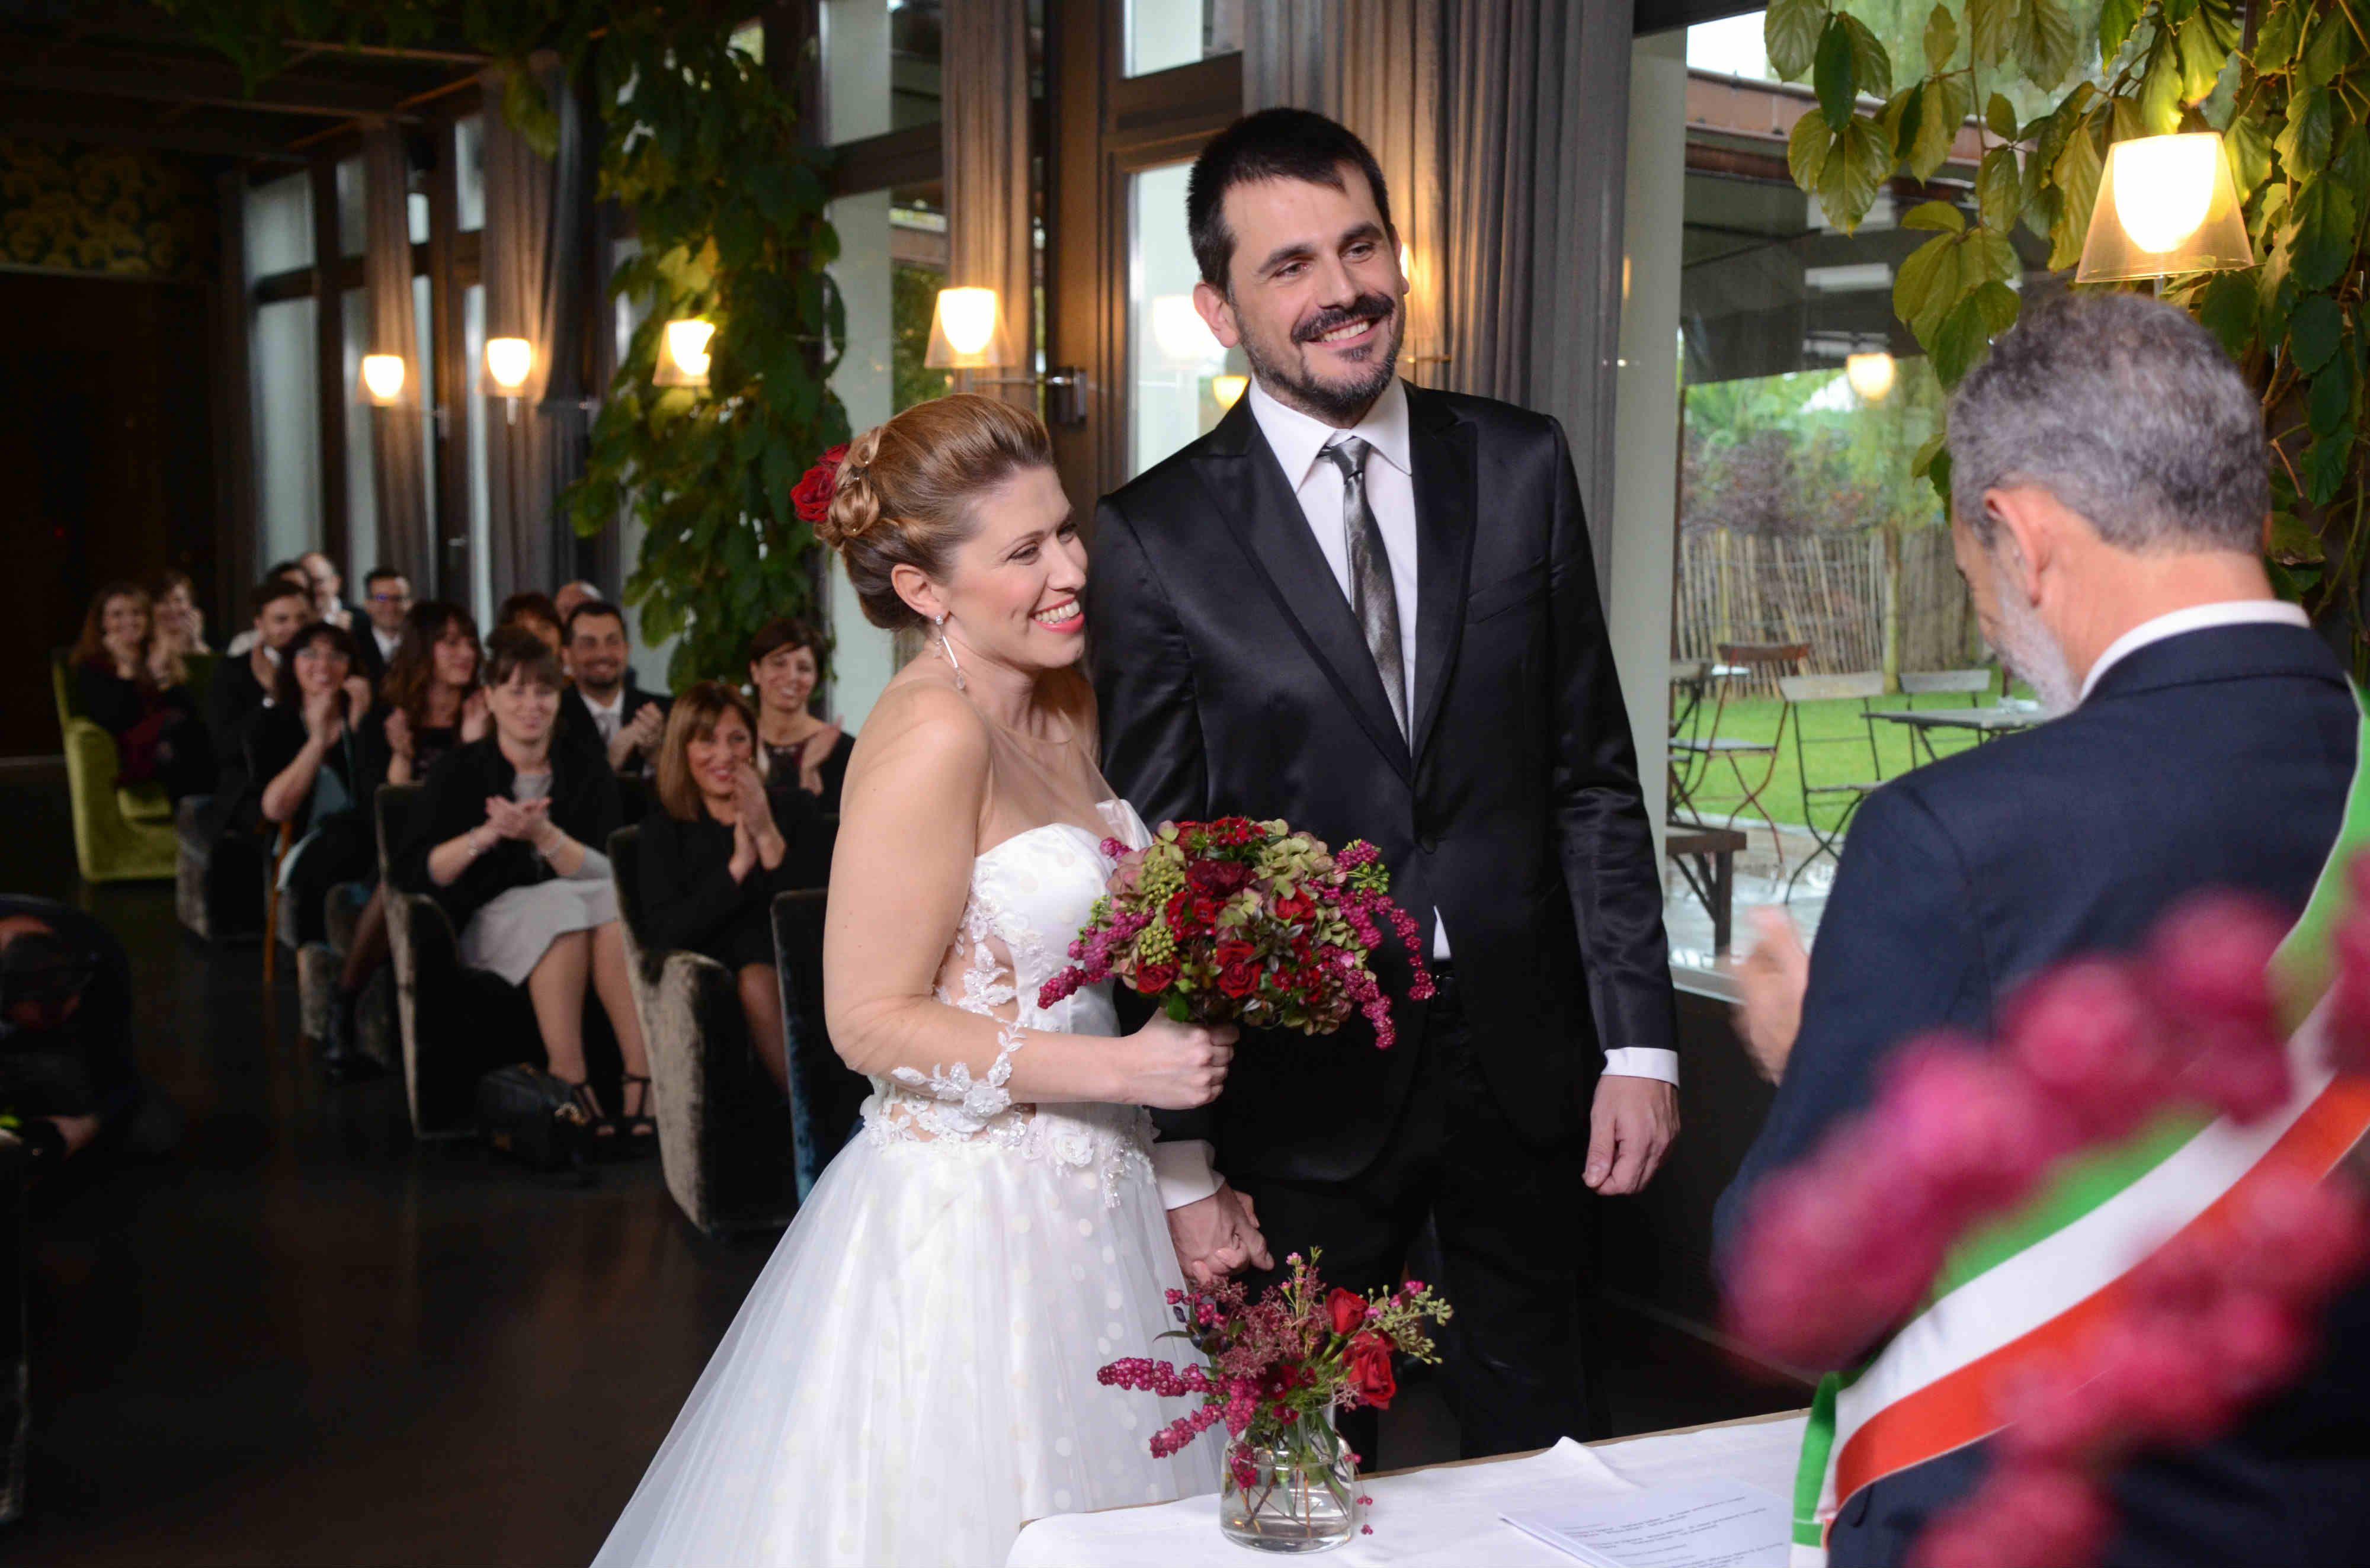 Matrimonio a prima vista 9, la replica in chiaro con coppie di